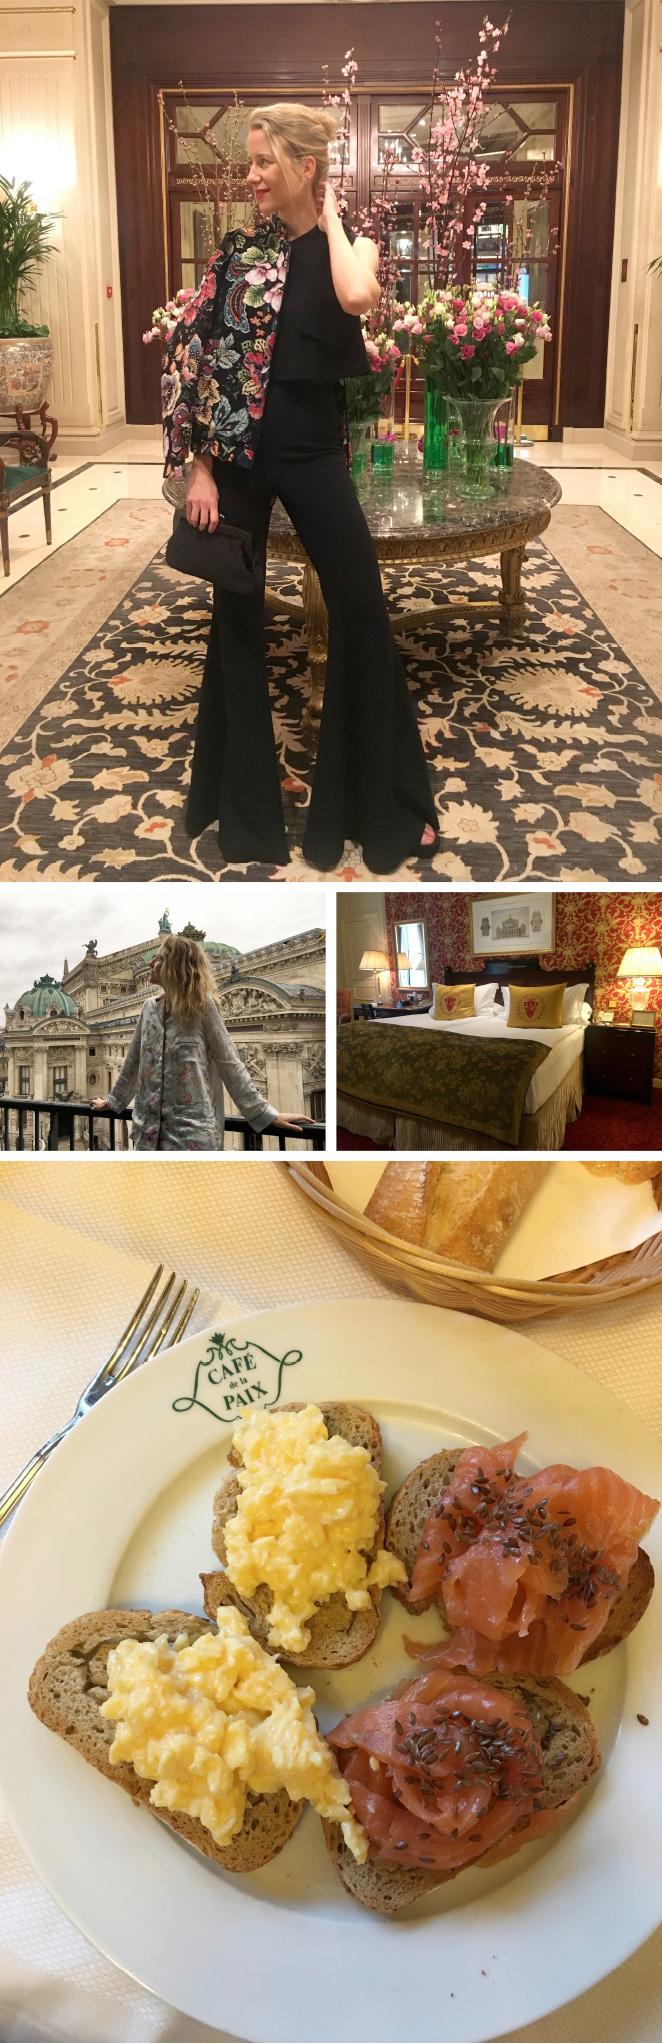 """El Hotel Intercontinental Paris-Le Granddel que me atrevería a decir que es como mi segunda casa por como me siento cuando estoy alllí. Su localización, frente a la Opera es un sueño y sus desayunos en su propio """"Café de la Paix"""" son lo máximo!!"""